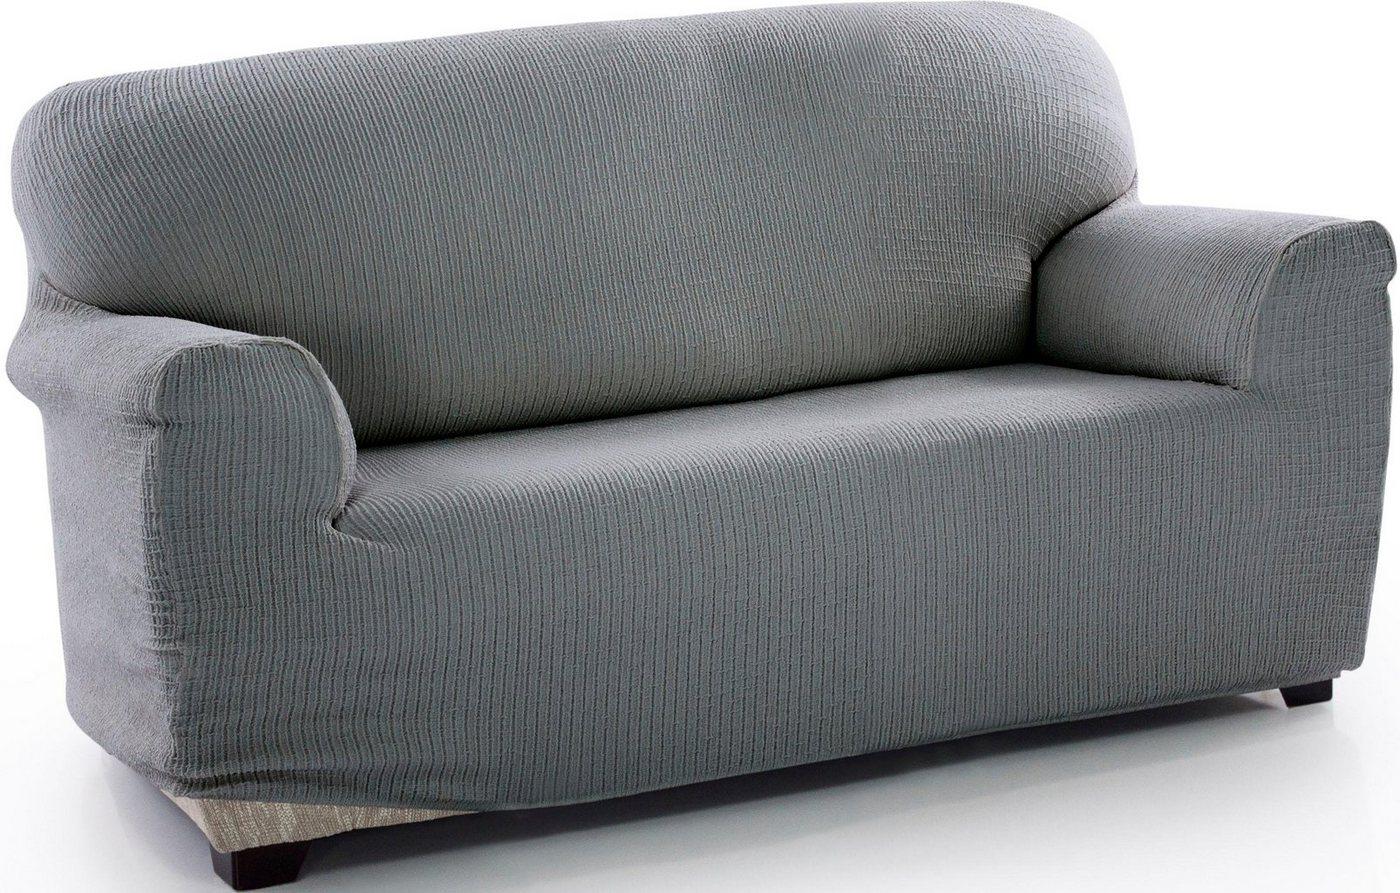 Full Size of Sofahusse Dario Ottoversand Betten Sofa Ottomane Bezug Ecksofa Mit Hussen Für Wohnzimmer Otto Hussen